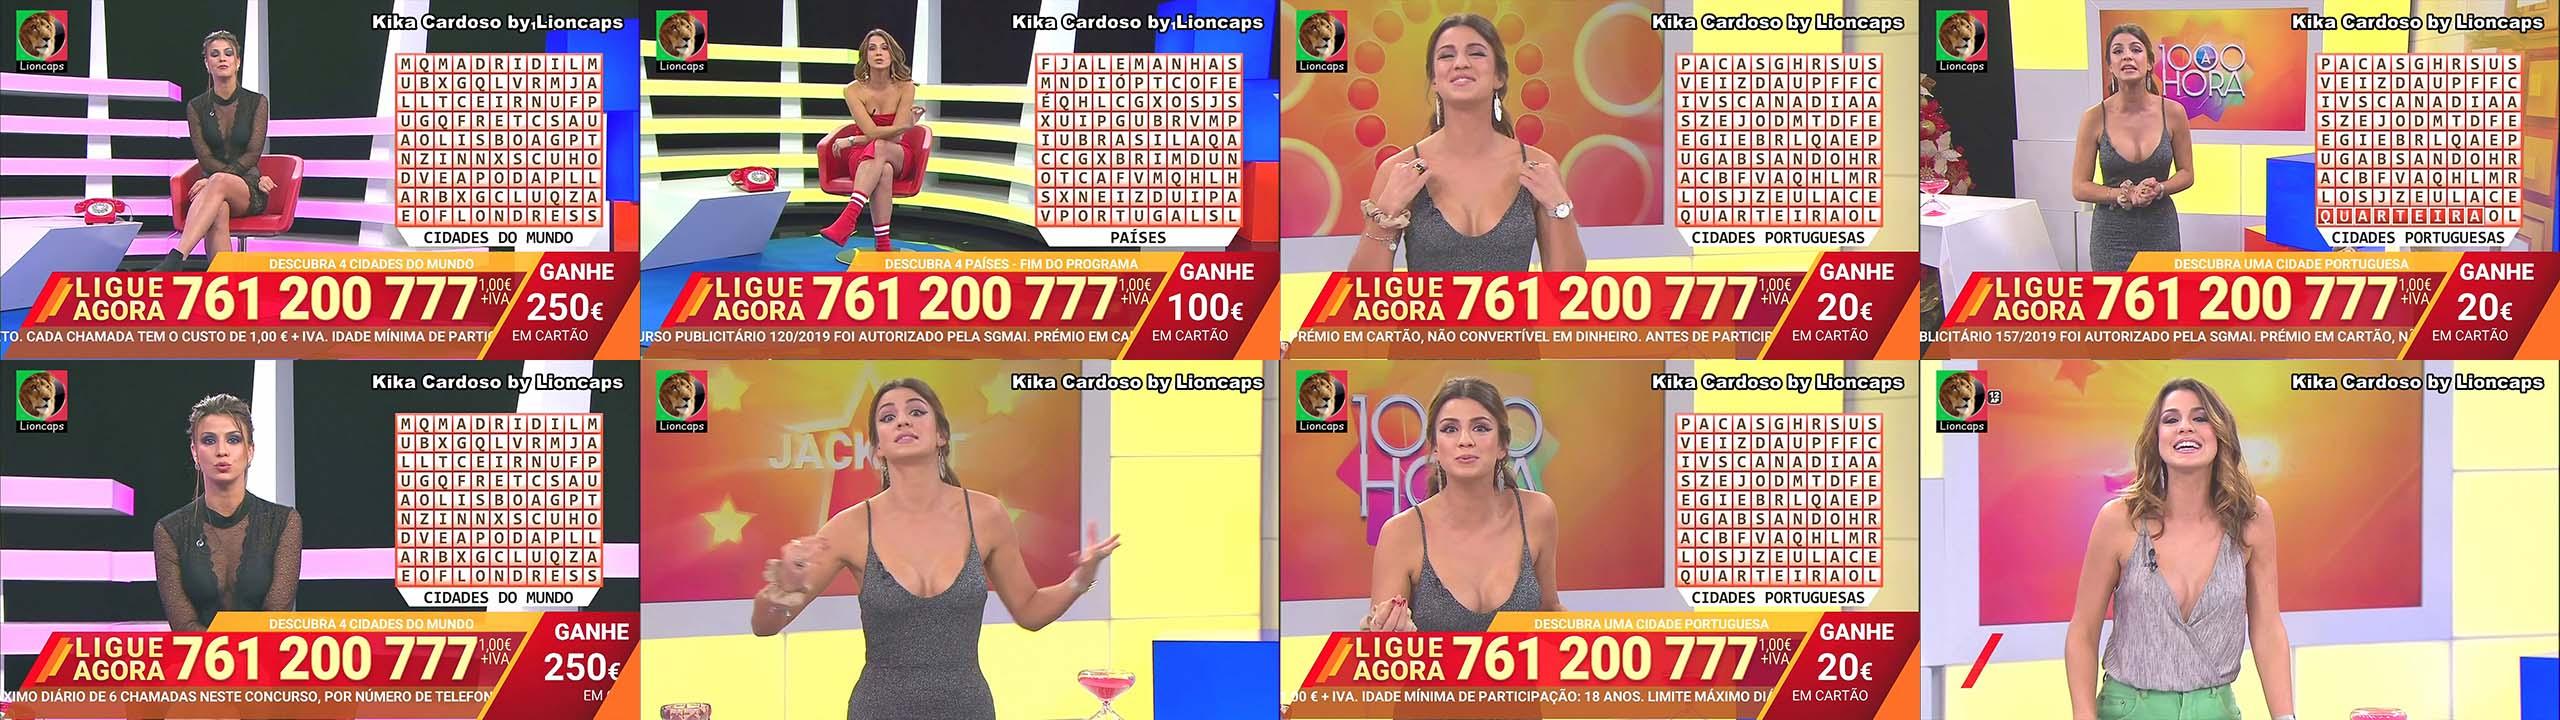 208140820_kika_cardoso_1000hora_lioncaps_27_12_2019_122_110lo.jpg